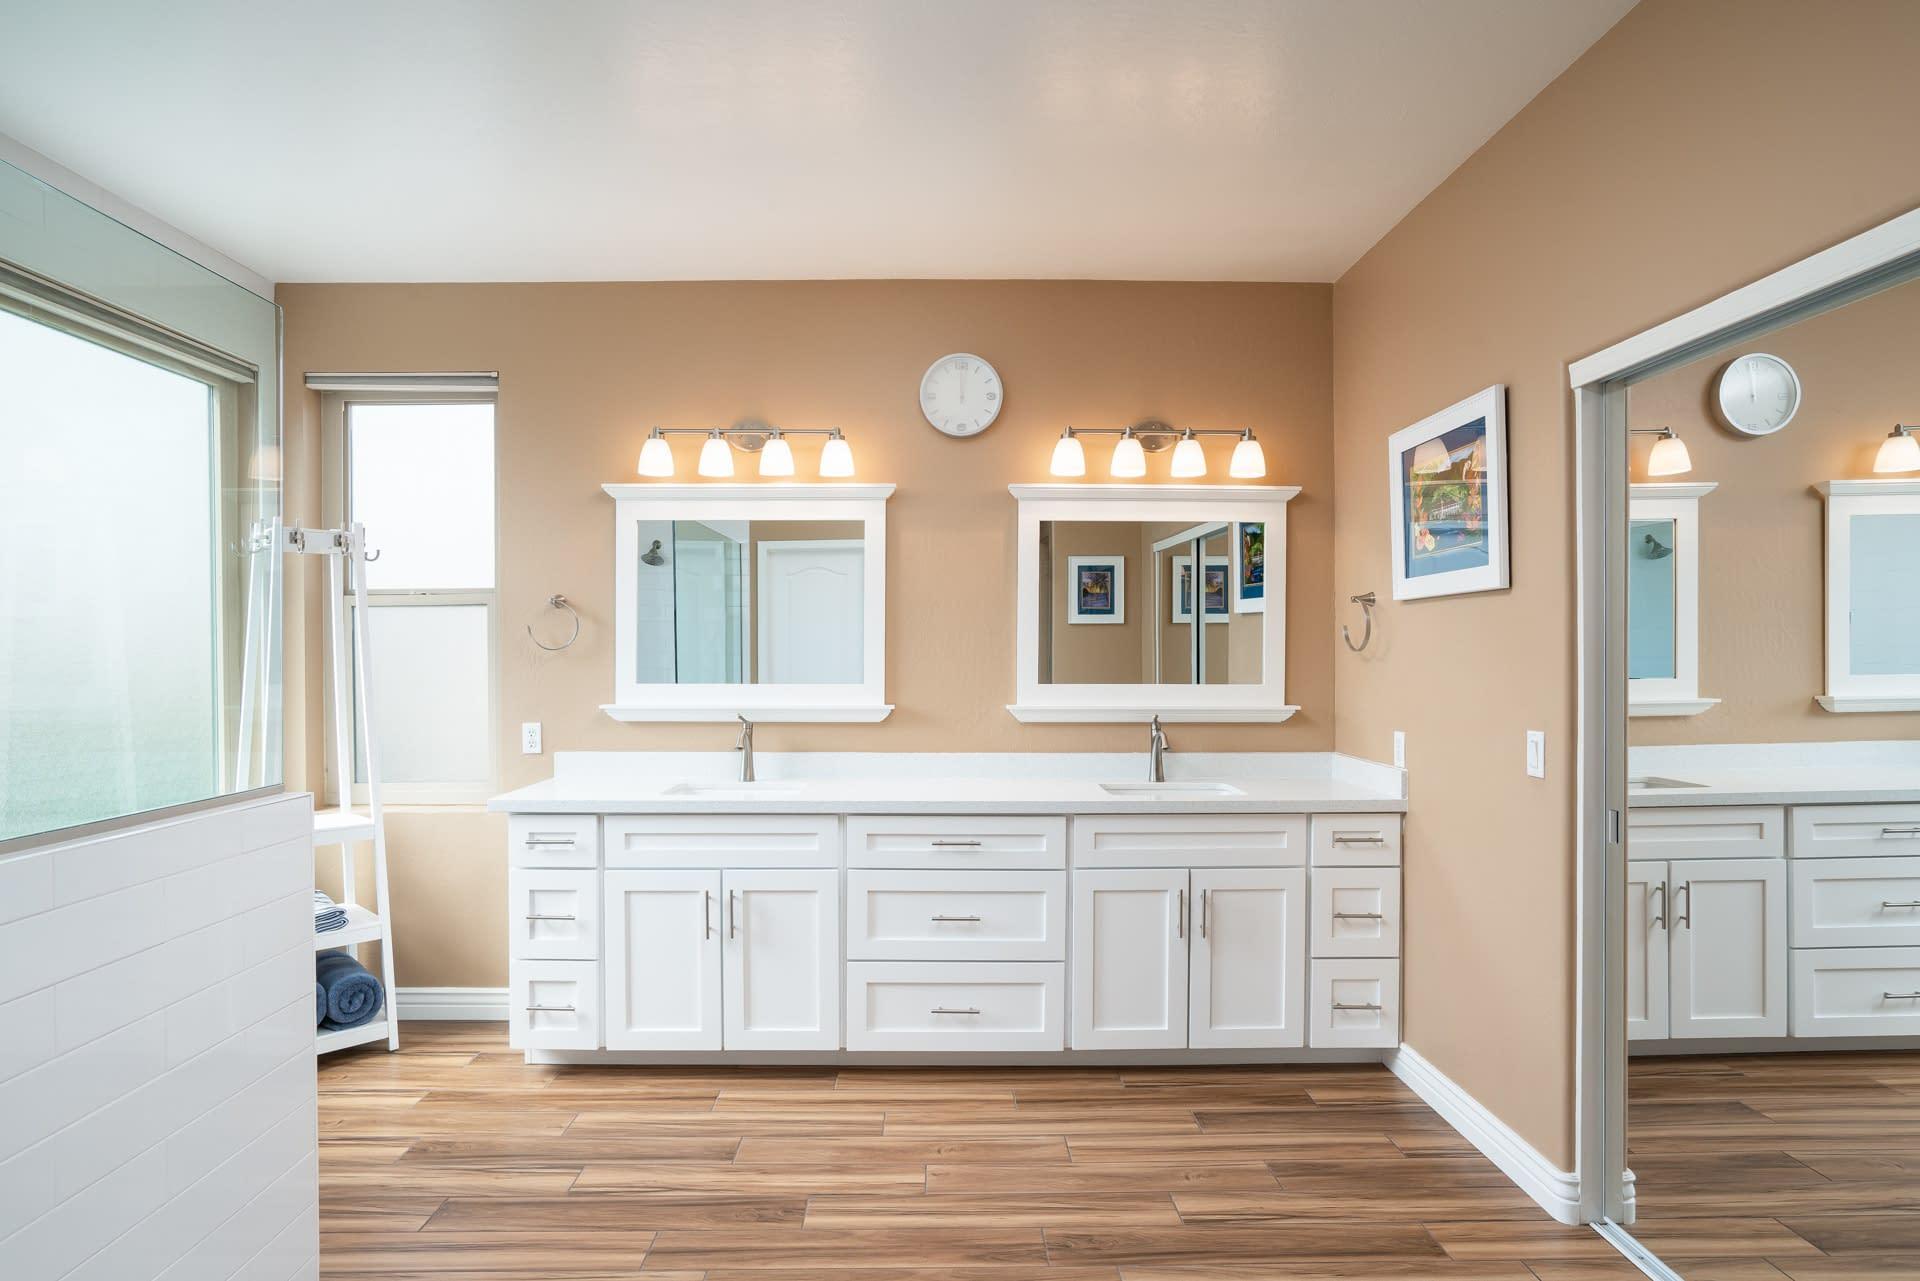 master bathroom vanity remodel Chandler after